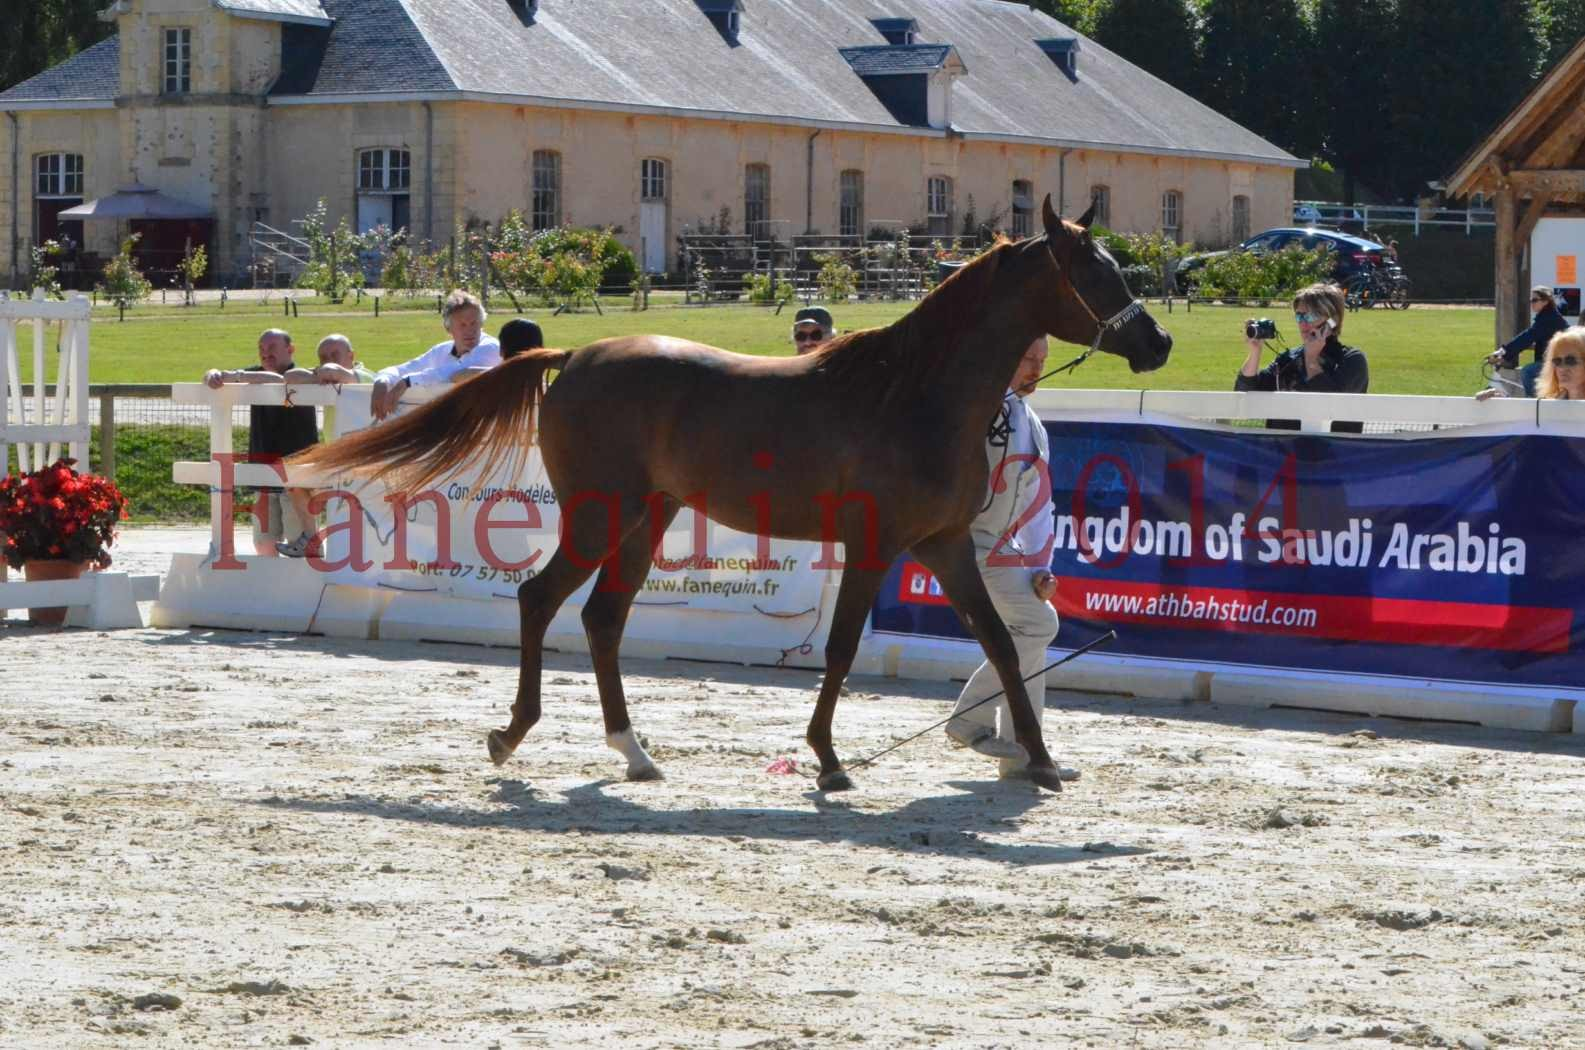 Championnat de FRANCE 2014 - Amateurs - LAMAL - 23